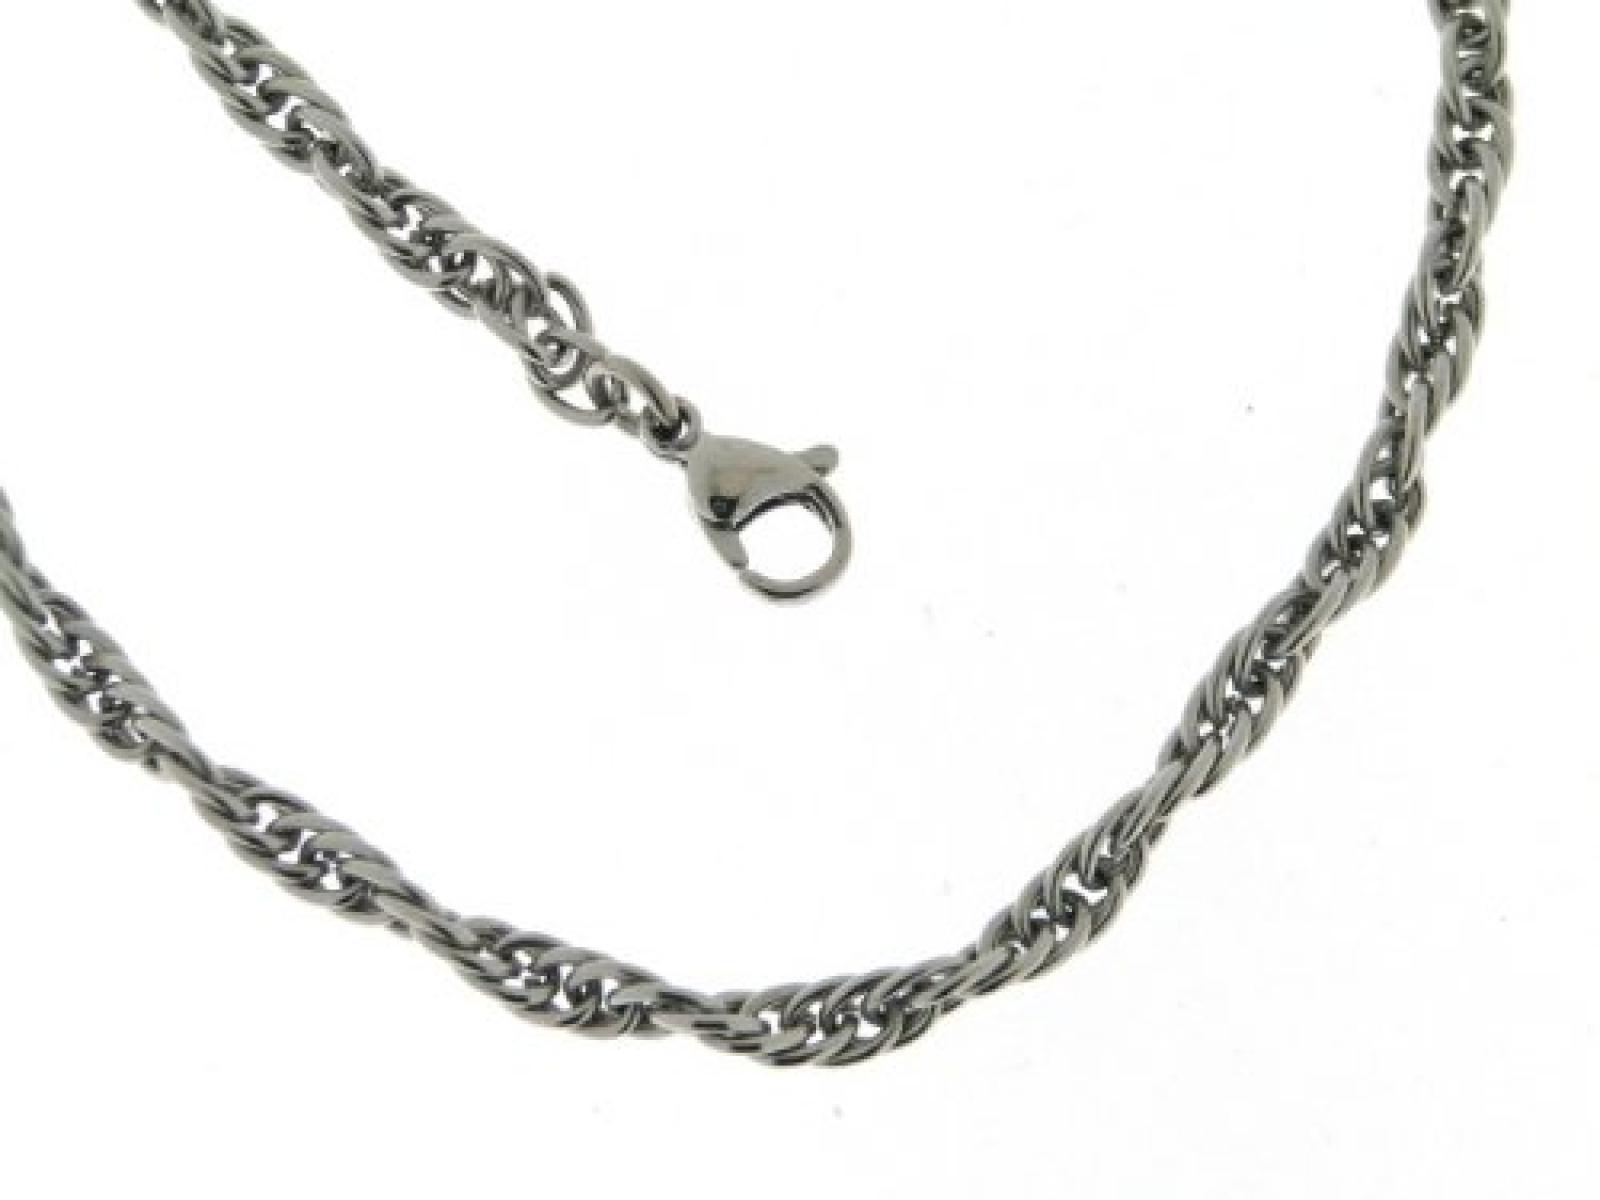 BOB C. Unisex-Halskette ohne Anhänger Metall Ankergliederung 3,0 mm 301532